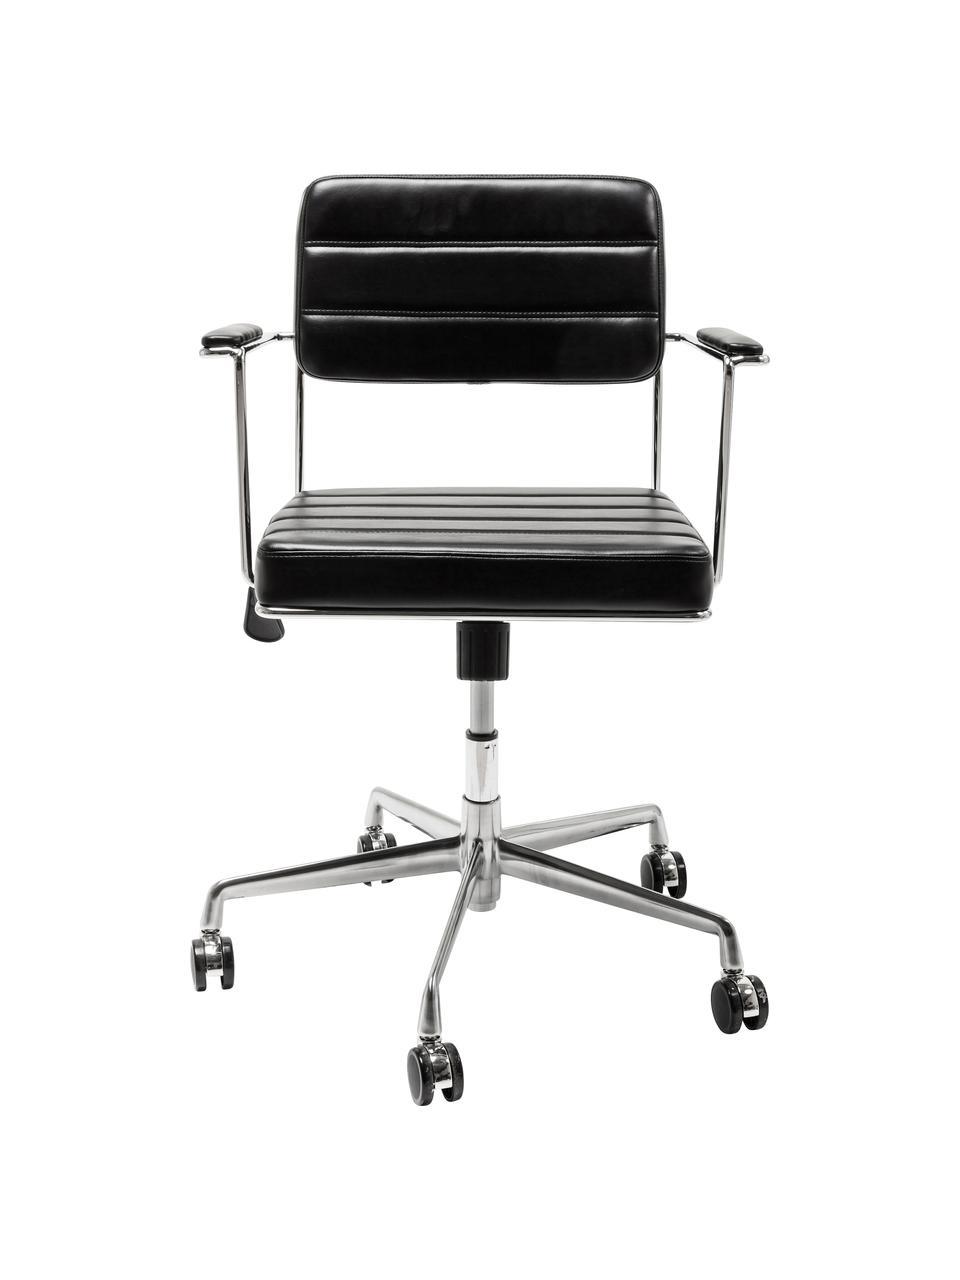 Krzesło biurowe ze sztucznej skóry Dottore, obrotowe, Tapicerka: sztuczna skóra (100% tkan, Stelaż: stal chromowana, Czarny, chrom, S 44 x G 50 cm